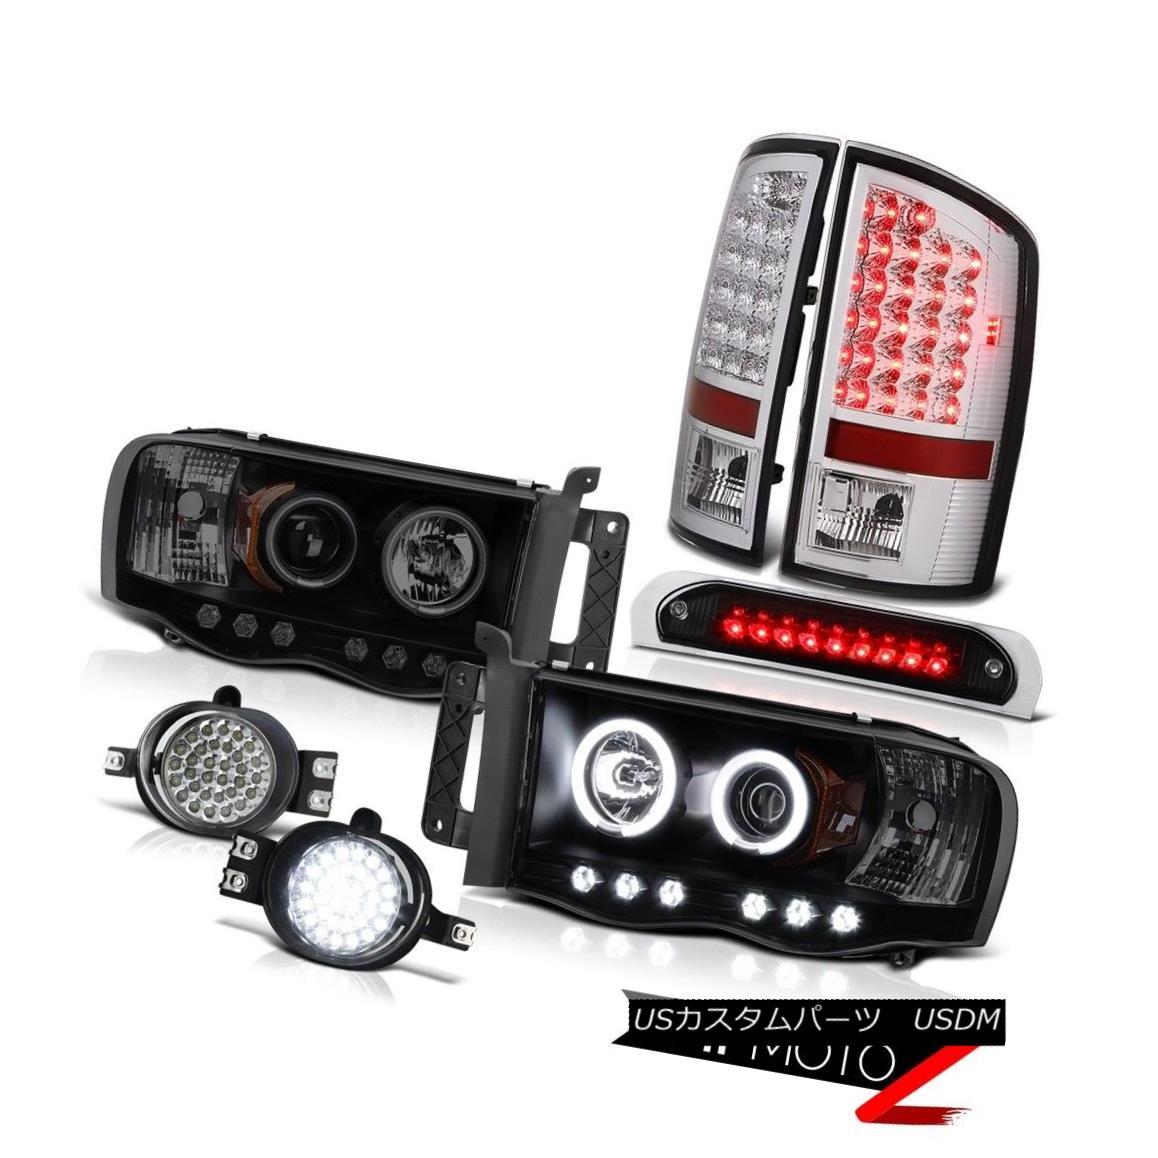 ヘッドライト 02 03 04 05 Ram WS Halo CCFL Tech. Headlights LED Tail Lights Surface Fog High 02 03 04 05 Ram WS Halo CCFL Tech。 ヘッドライトLEDテールライトサーフェスフォグハイ